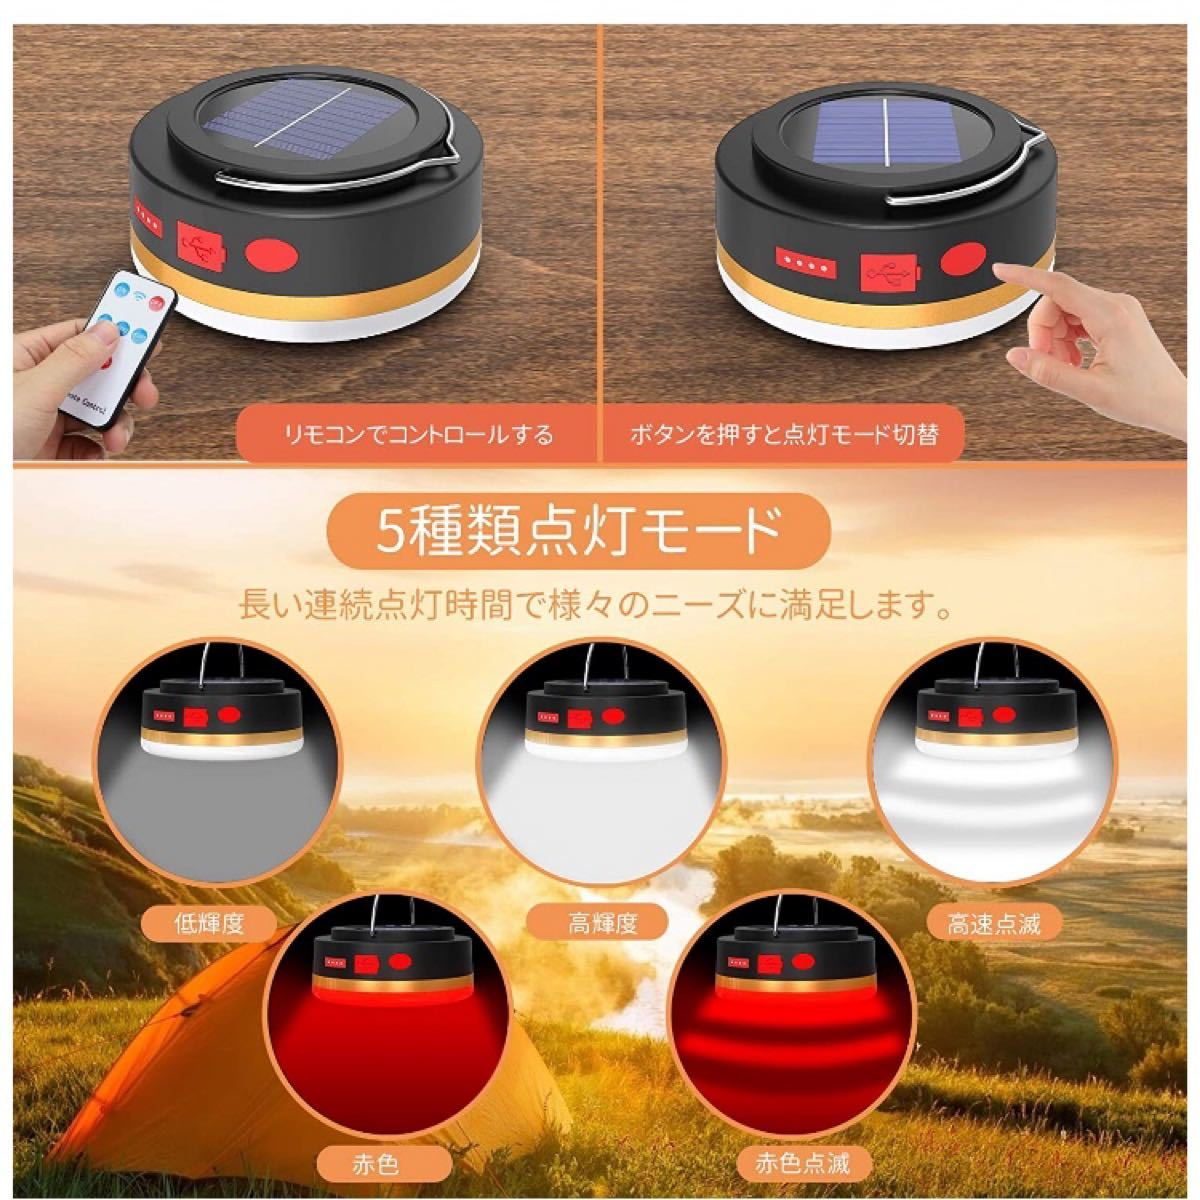 LEDランタン 高輝度 キャンプランタン 5つ点灯モード usb充電式